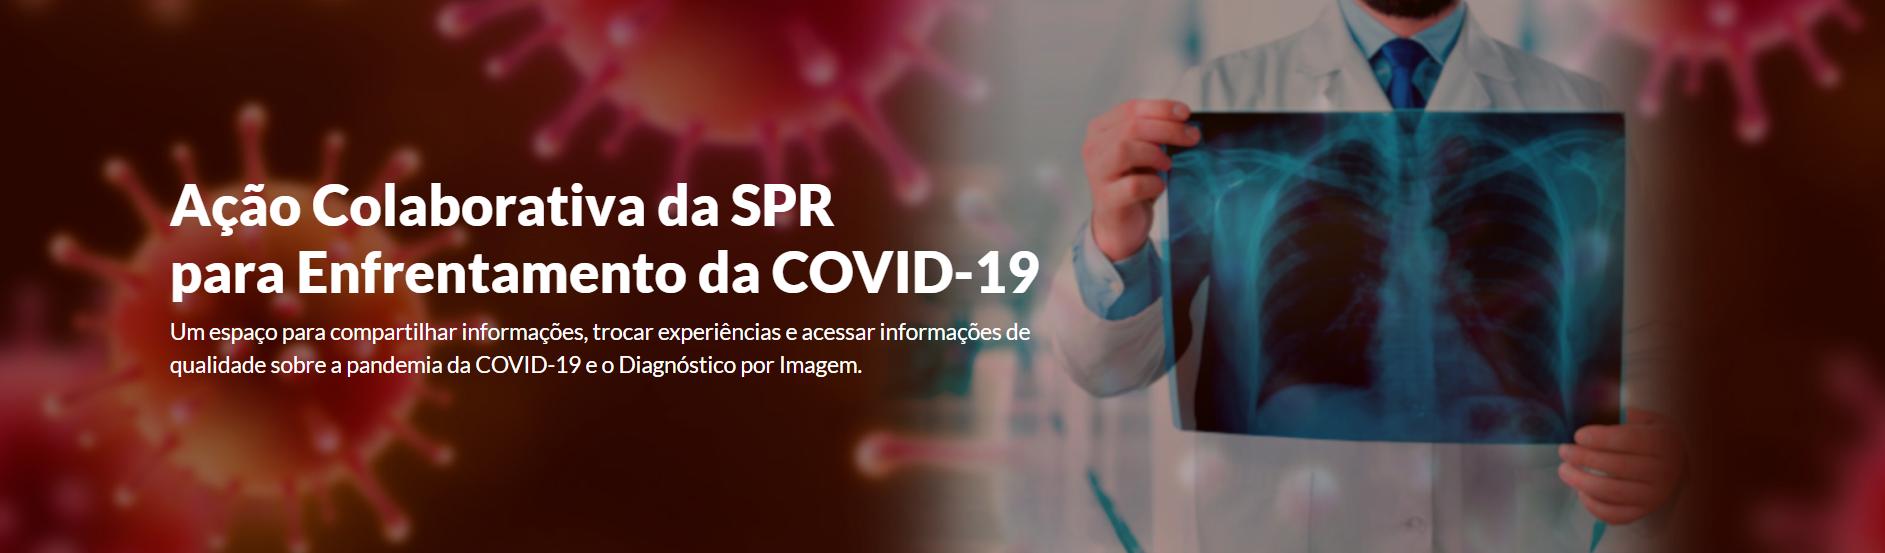 SPR lança site para enfrentamento da COVID-19 com aulas da JPR 2020 Virtual